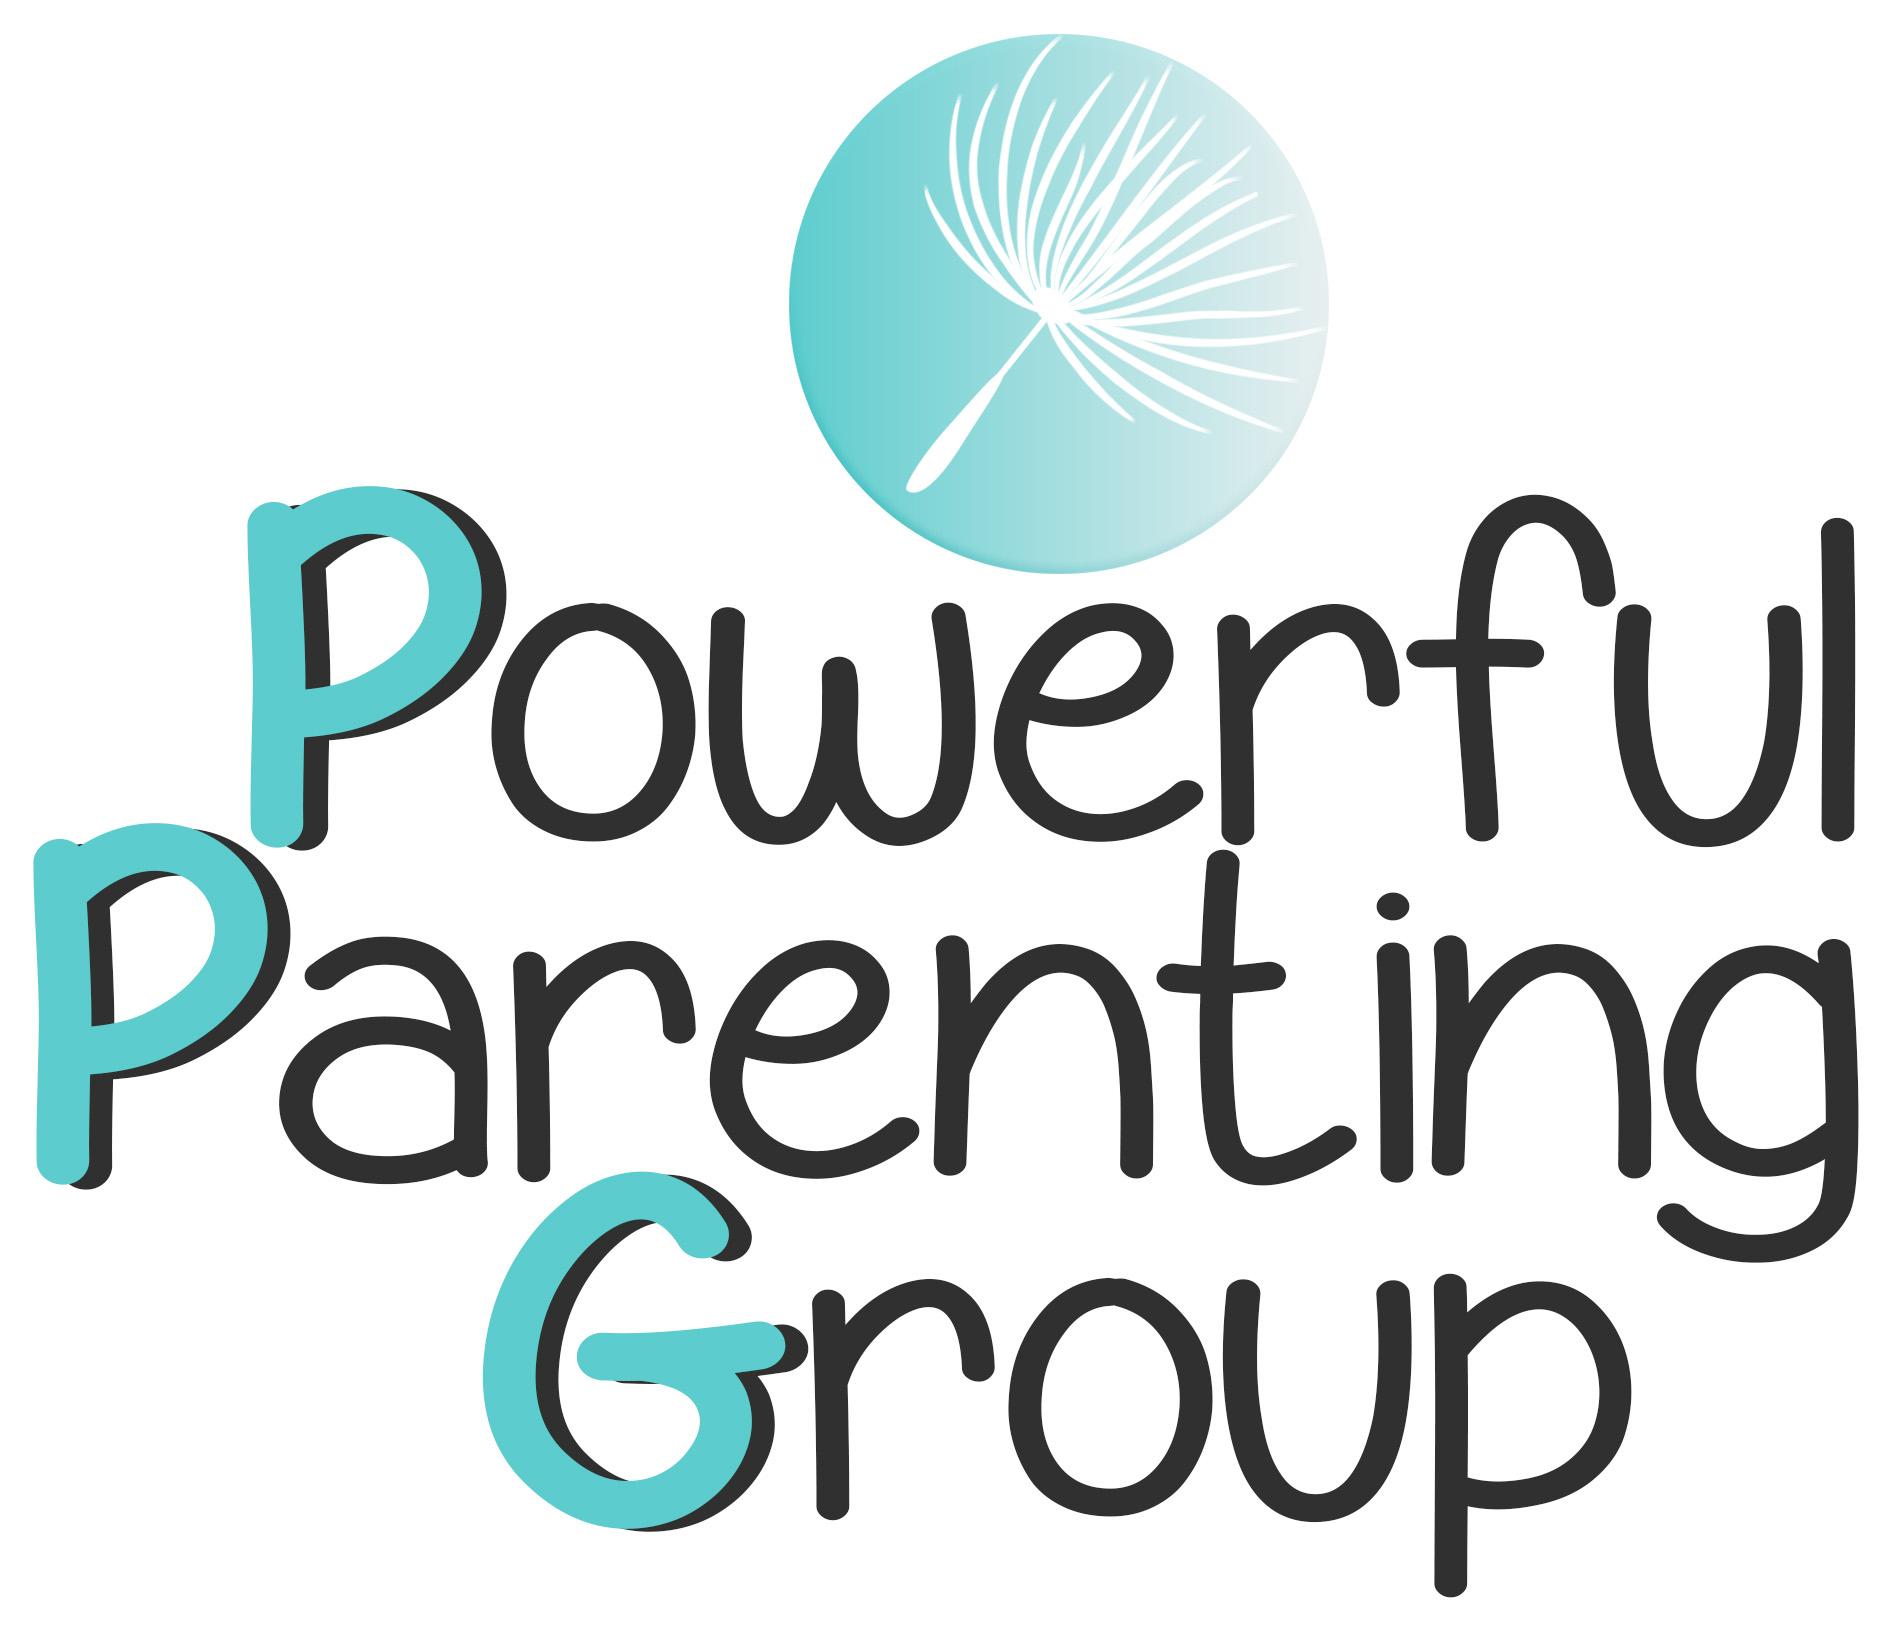 PowerfulPareGroup-May2020